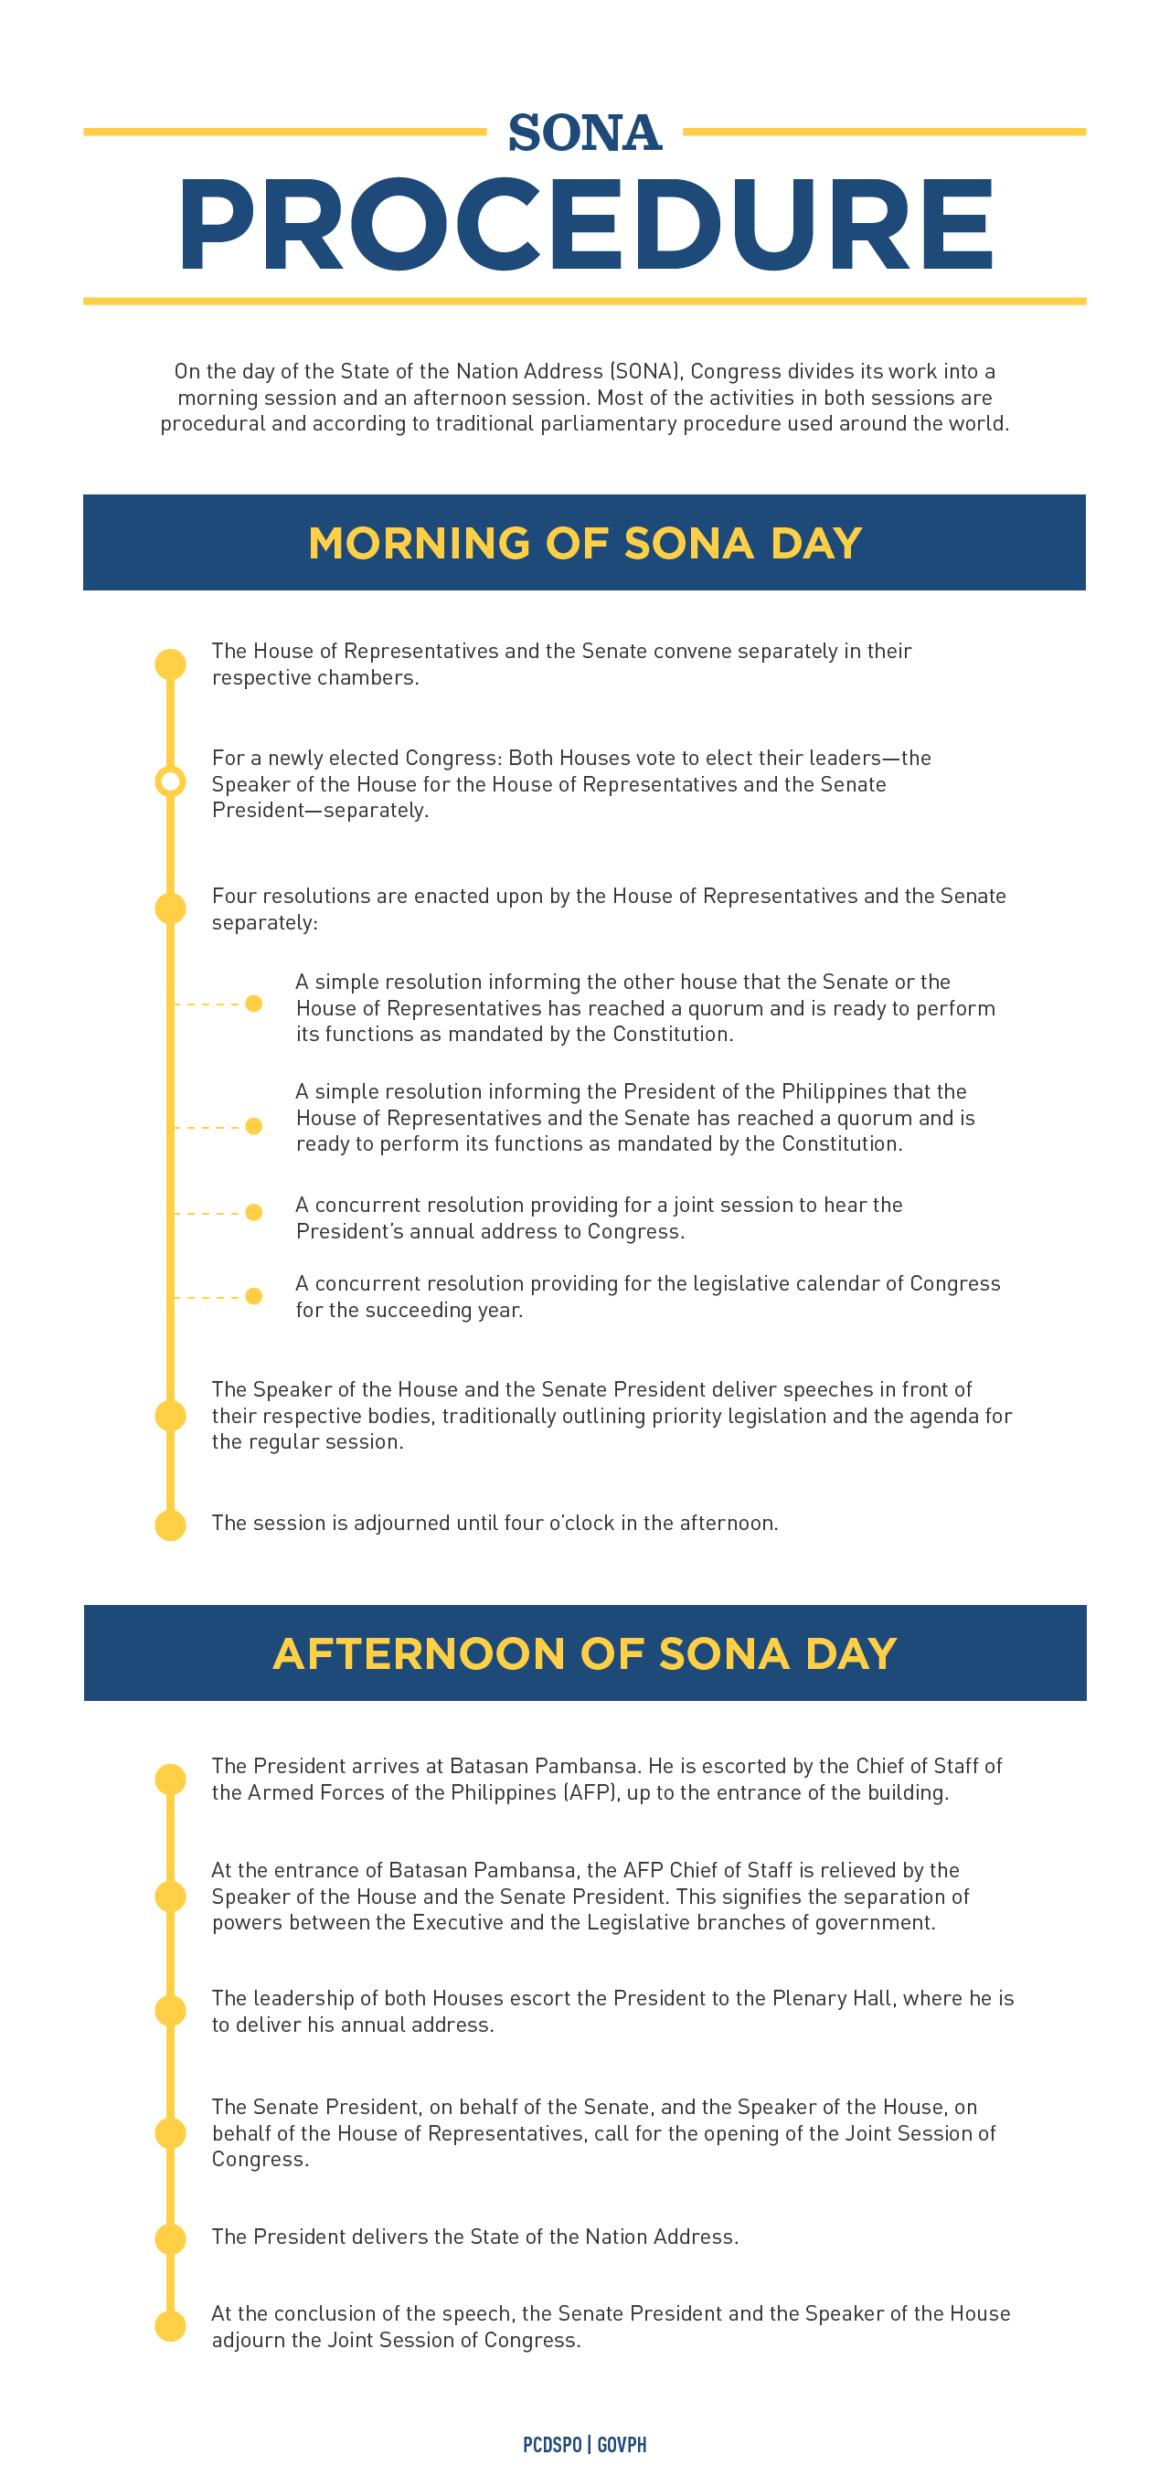 SONA 2015: The SONA Procedure Infographic